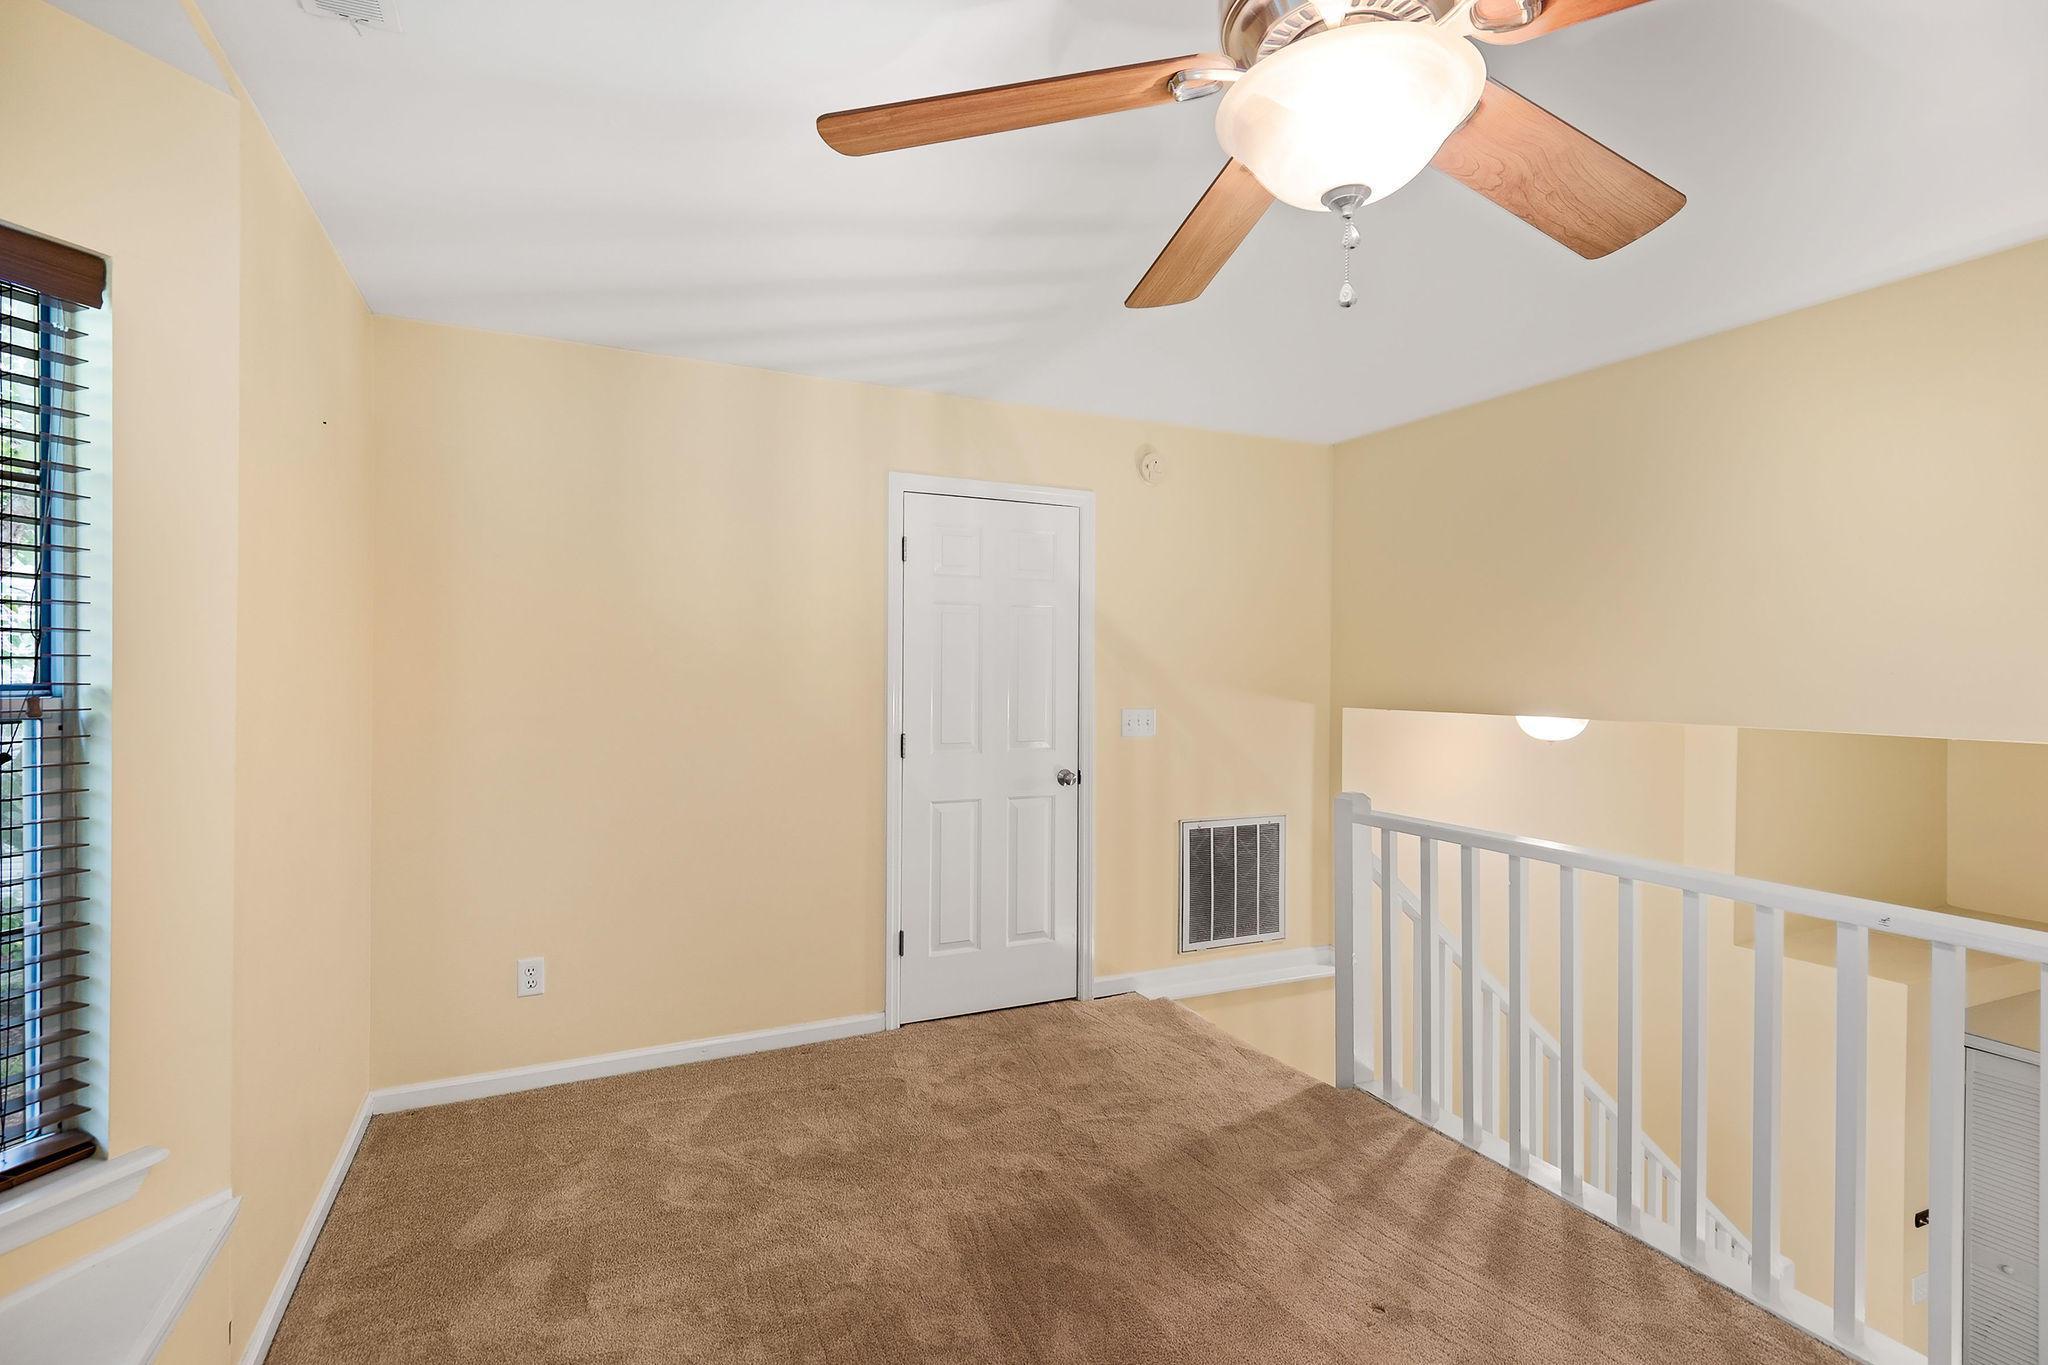 Patriots Province Homes For Sale - 1023 Provincial, Mount Pleasant, SC - 2